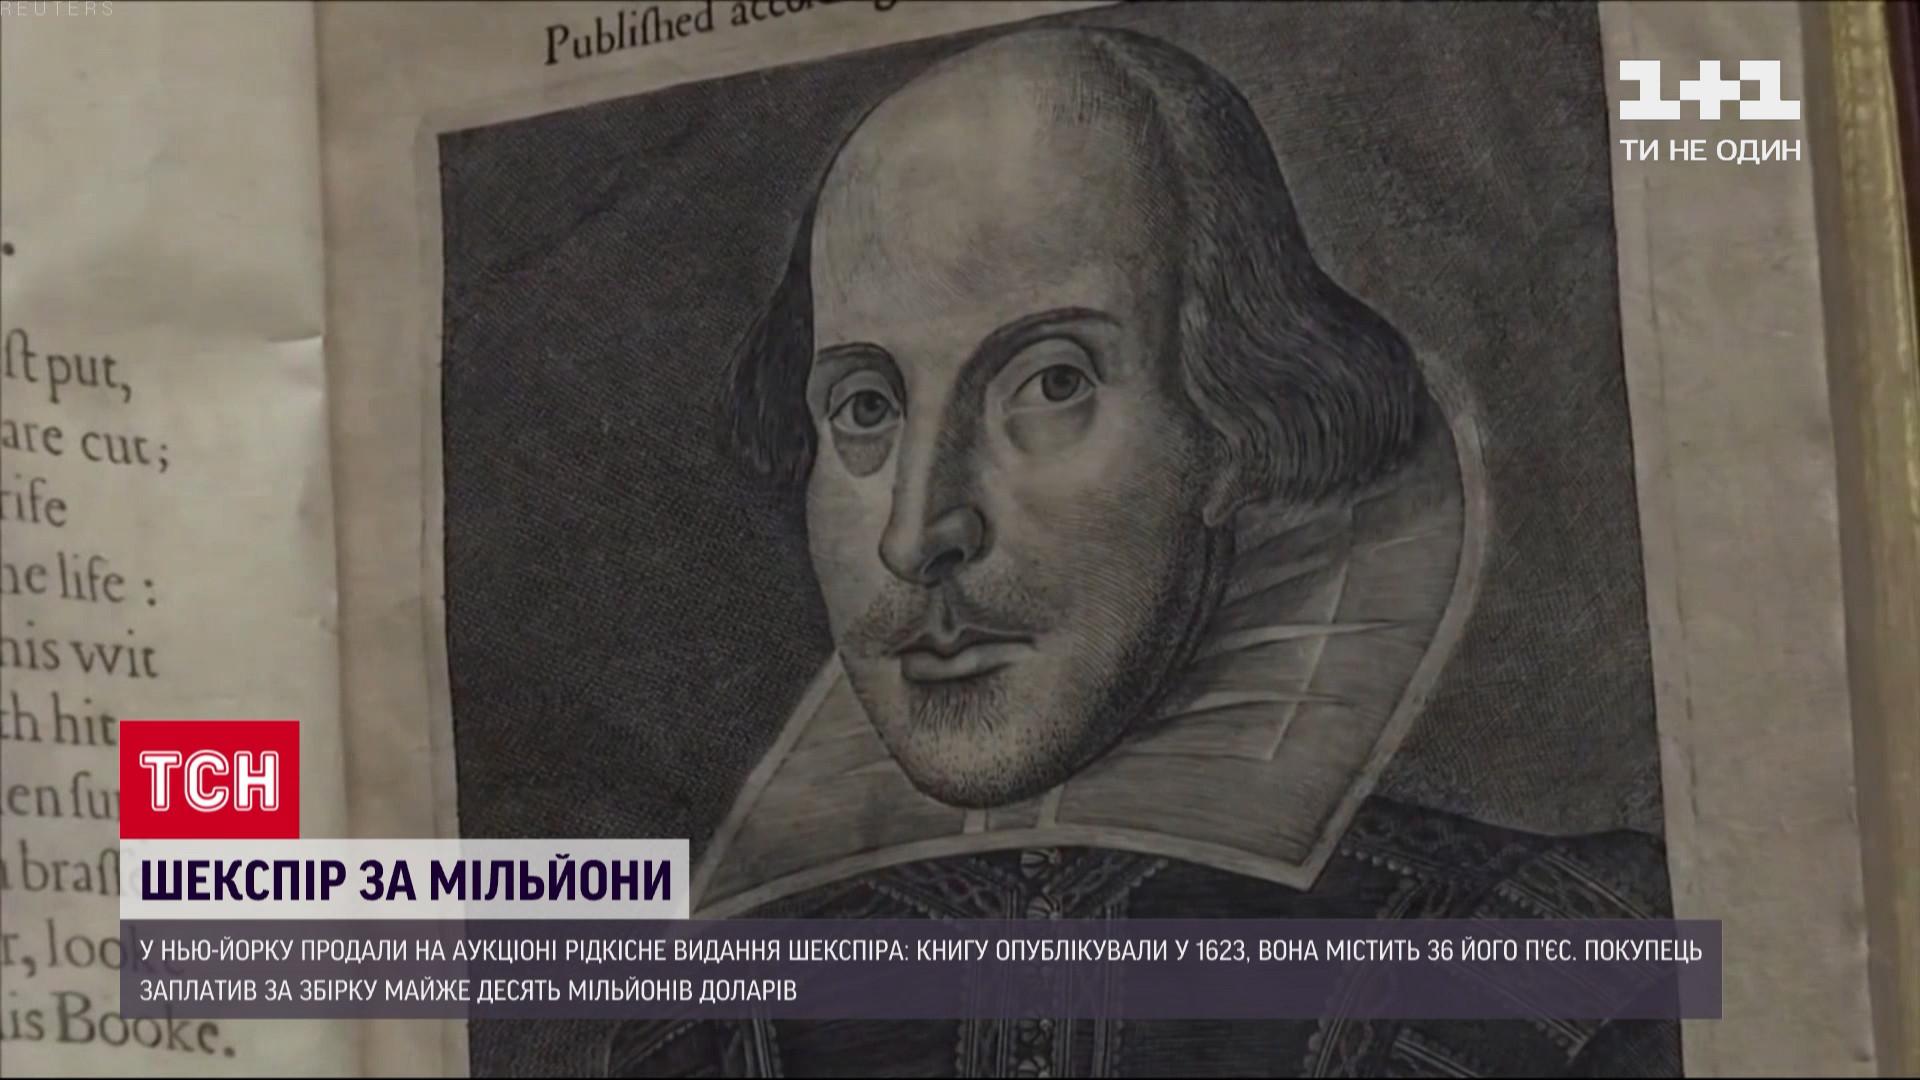 Сборник содержит 36 пьес Шекспира / скриншот из видео